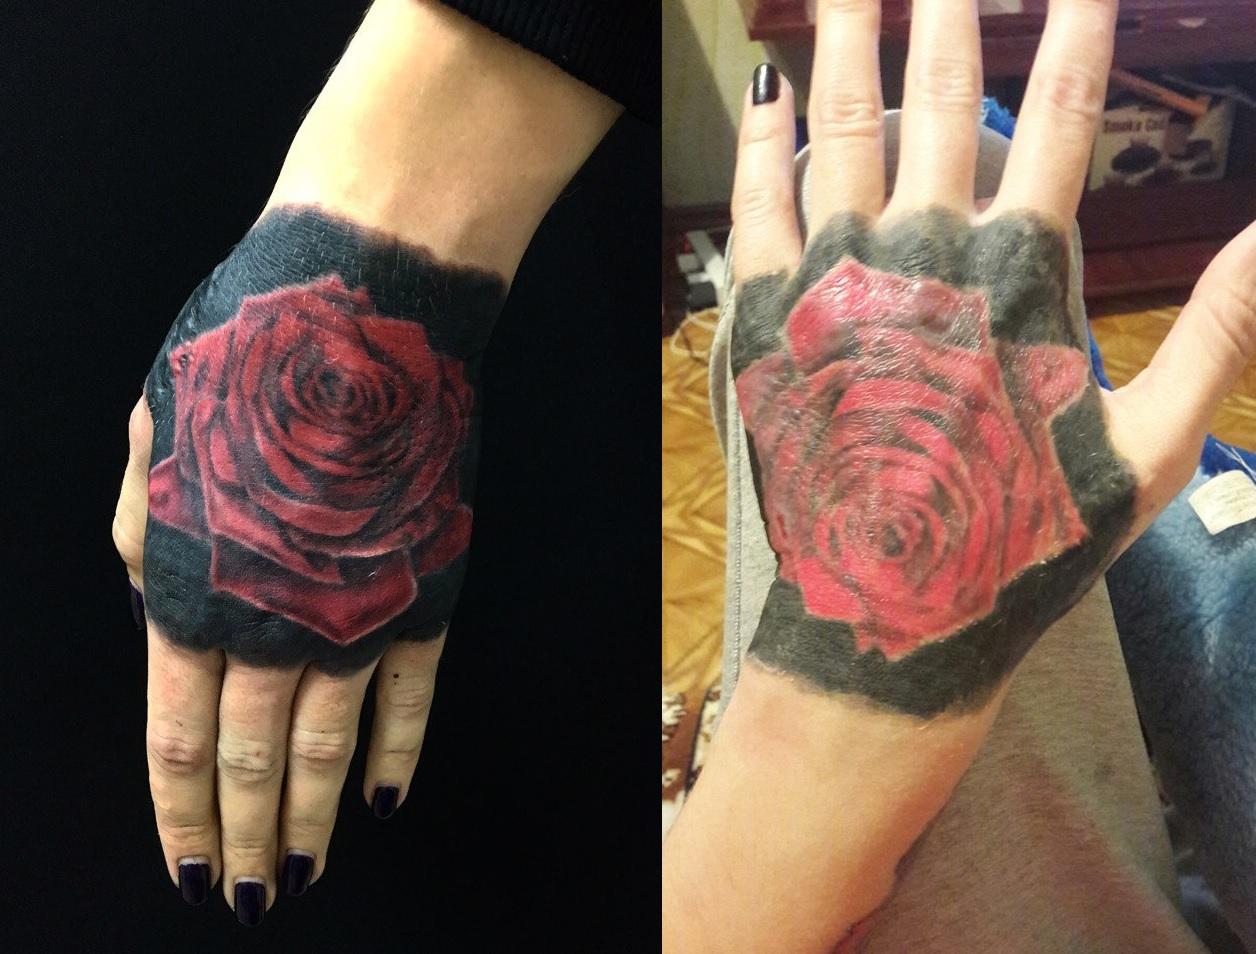 услуги фото татуировок через время евочки, очу предложить